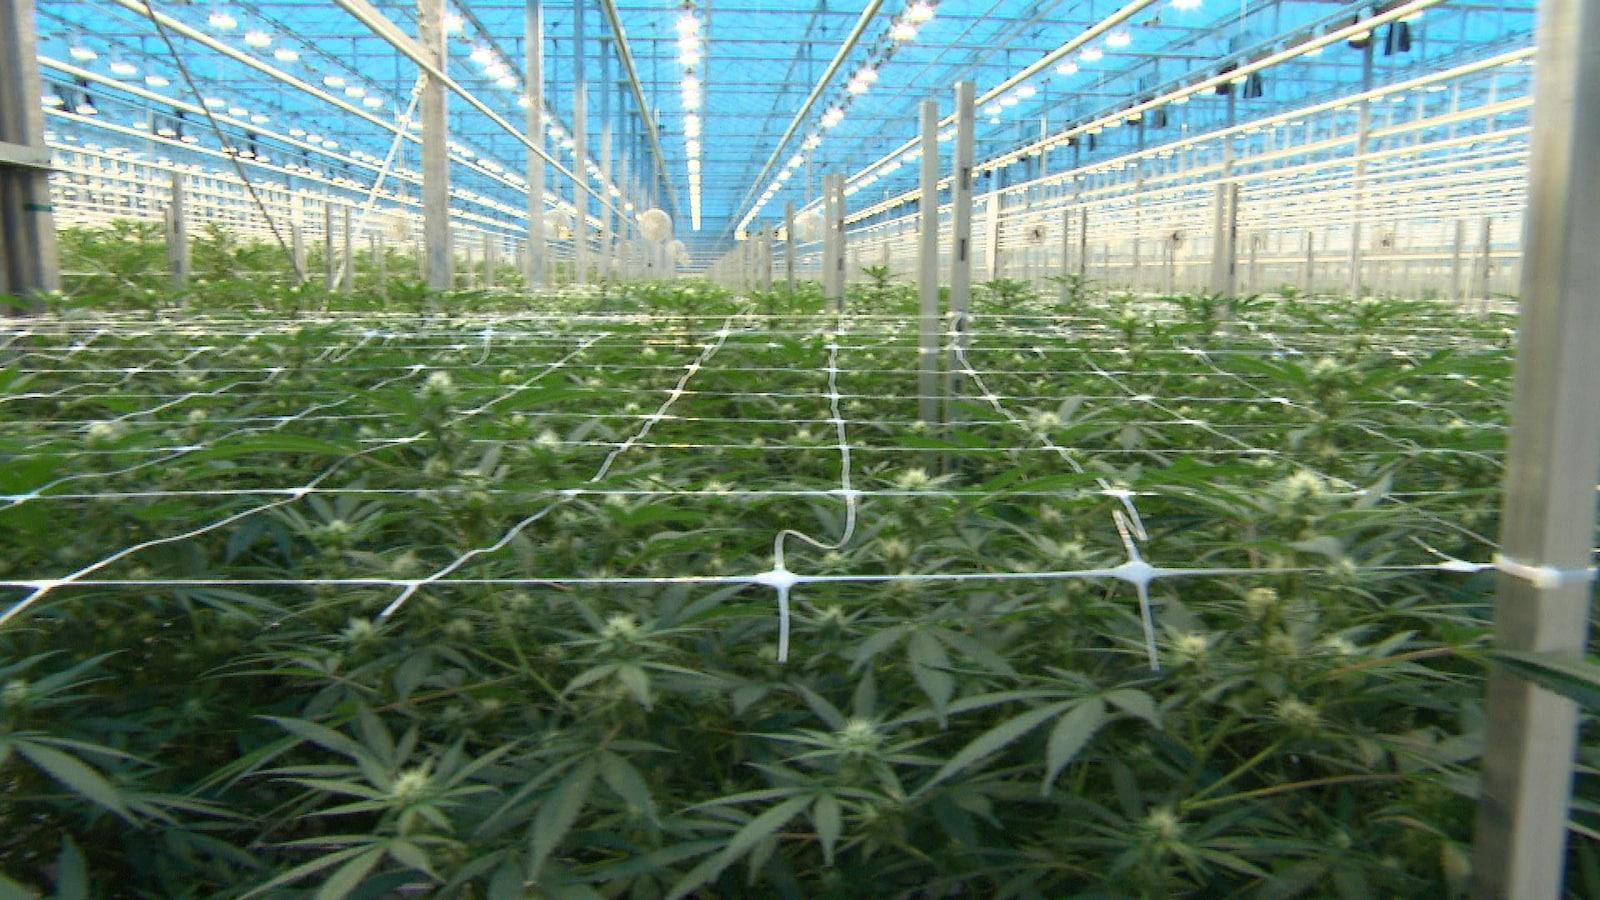 Dans une serre, des plants de cannabis.